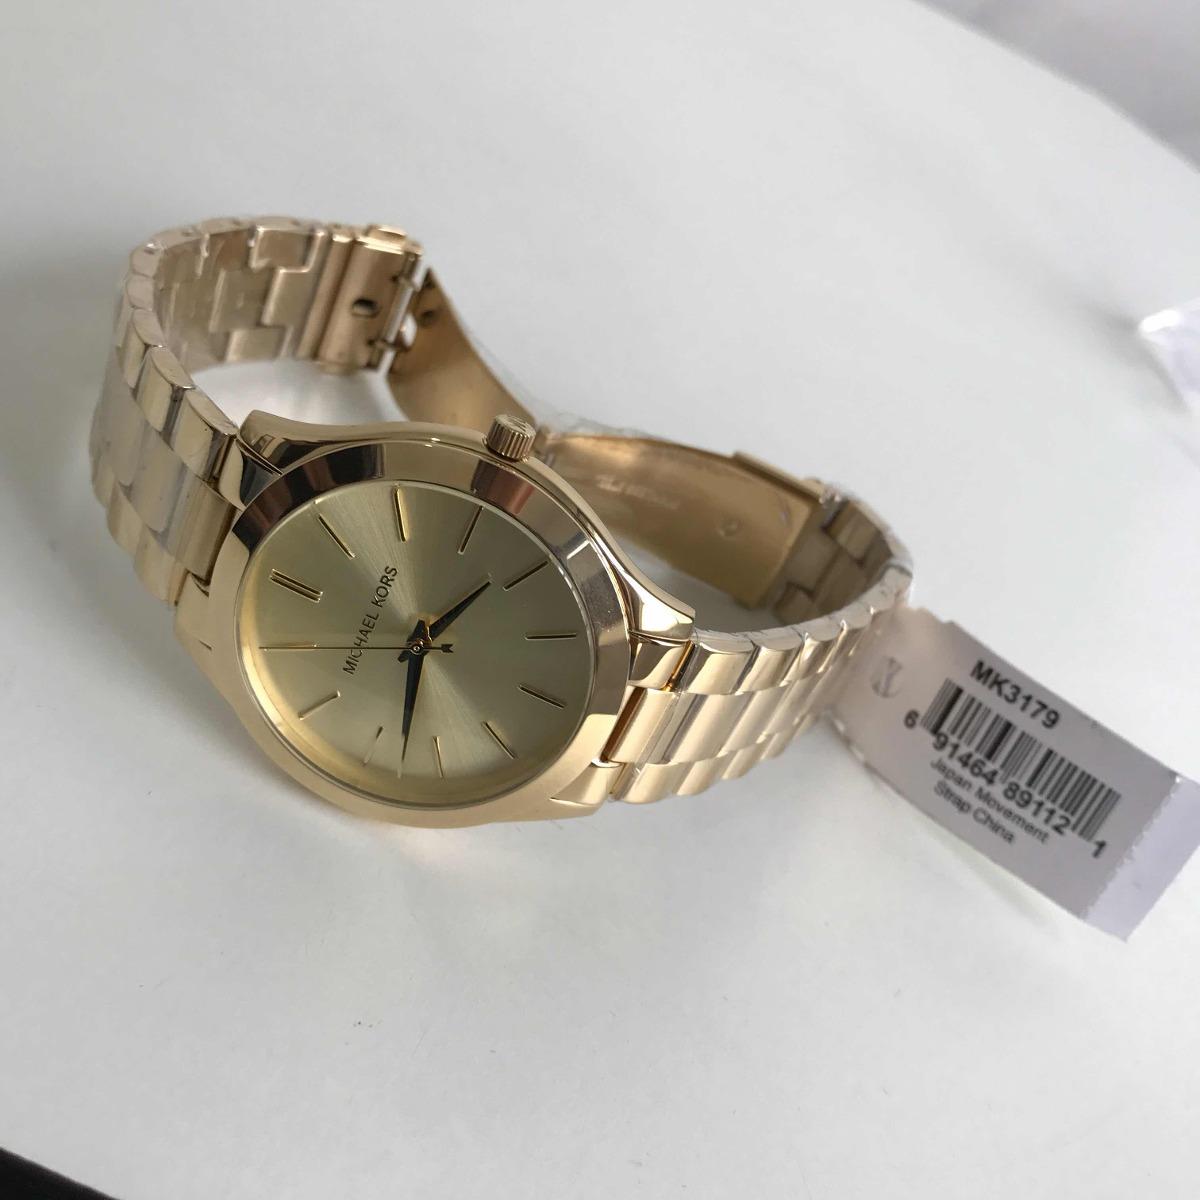 78d38db690b1d relógio michael kors mk-3179 dourado. Carregando zoom.